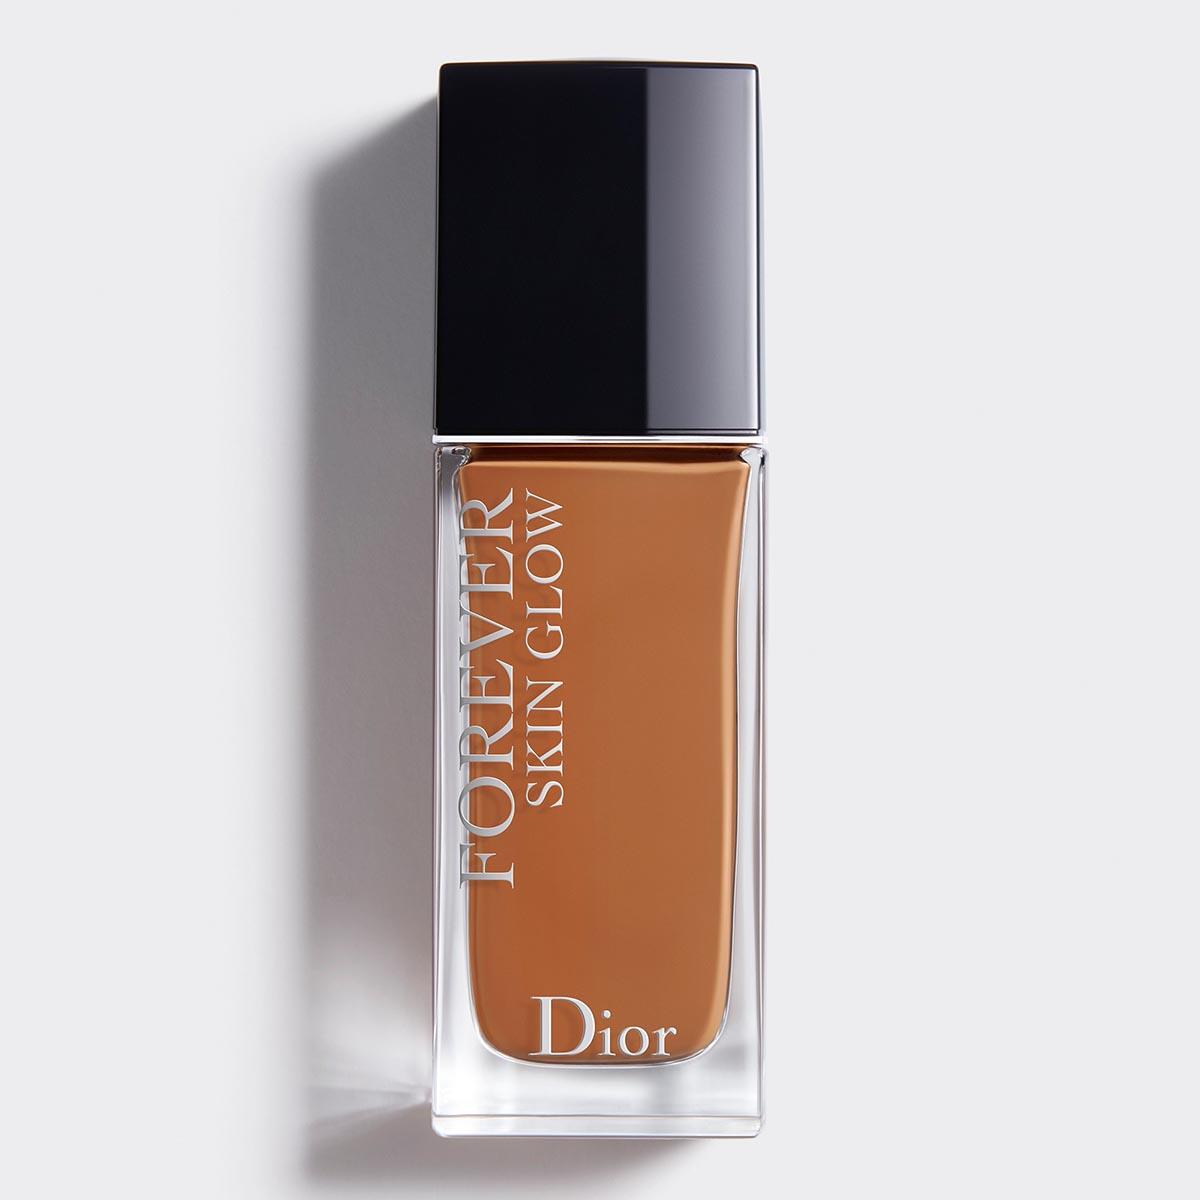 Dior diorskin forever glow base 6n neutral